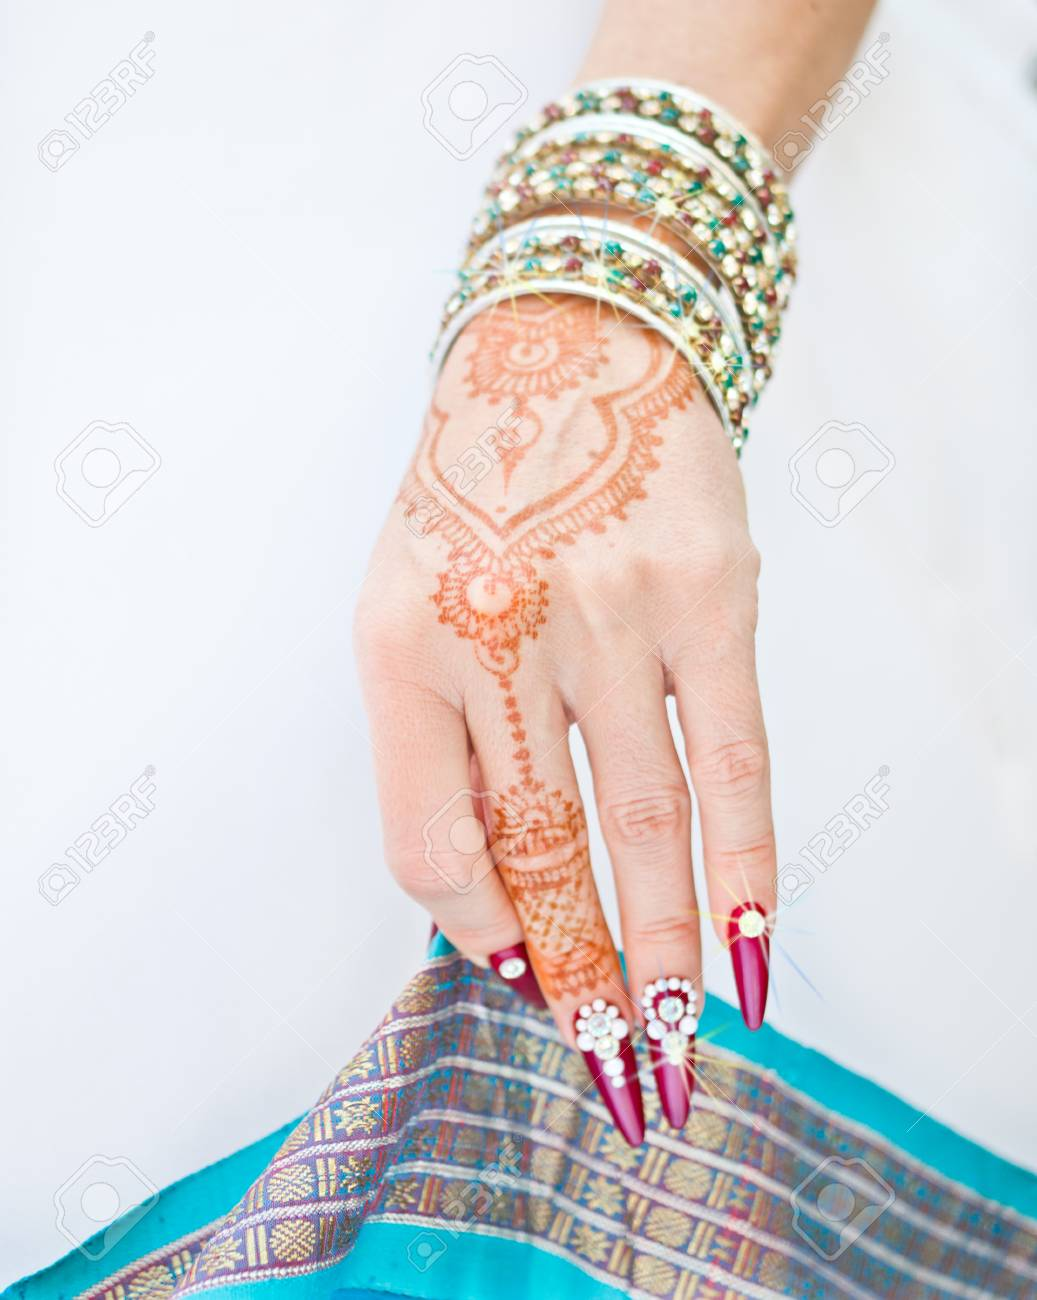 Mano Con Tatuaje De Henna Uñas Decoradas Con Brillantes Y Pulseras Con Piedras Preciosas